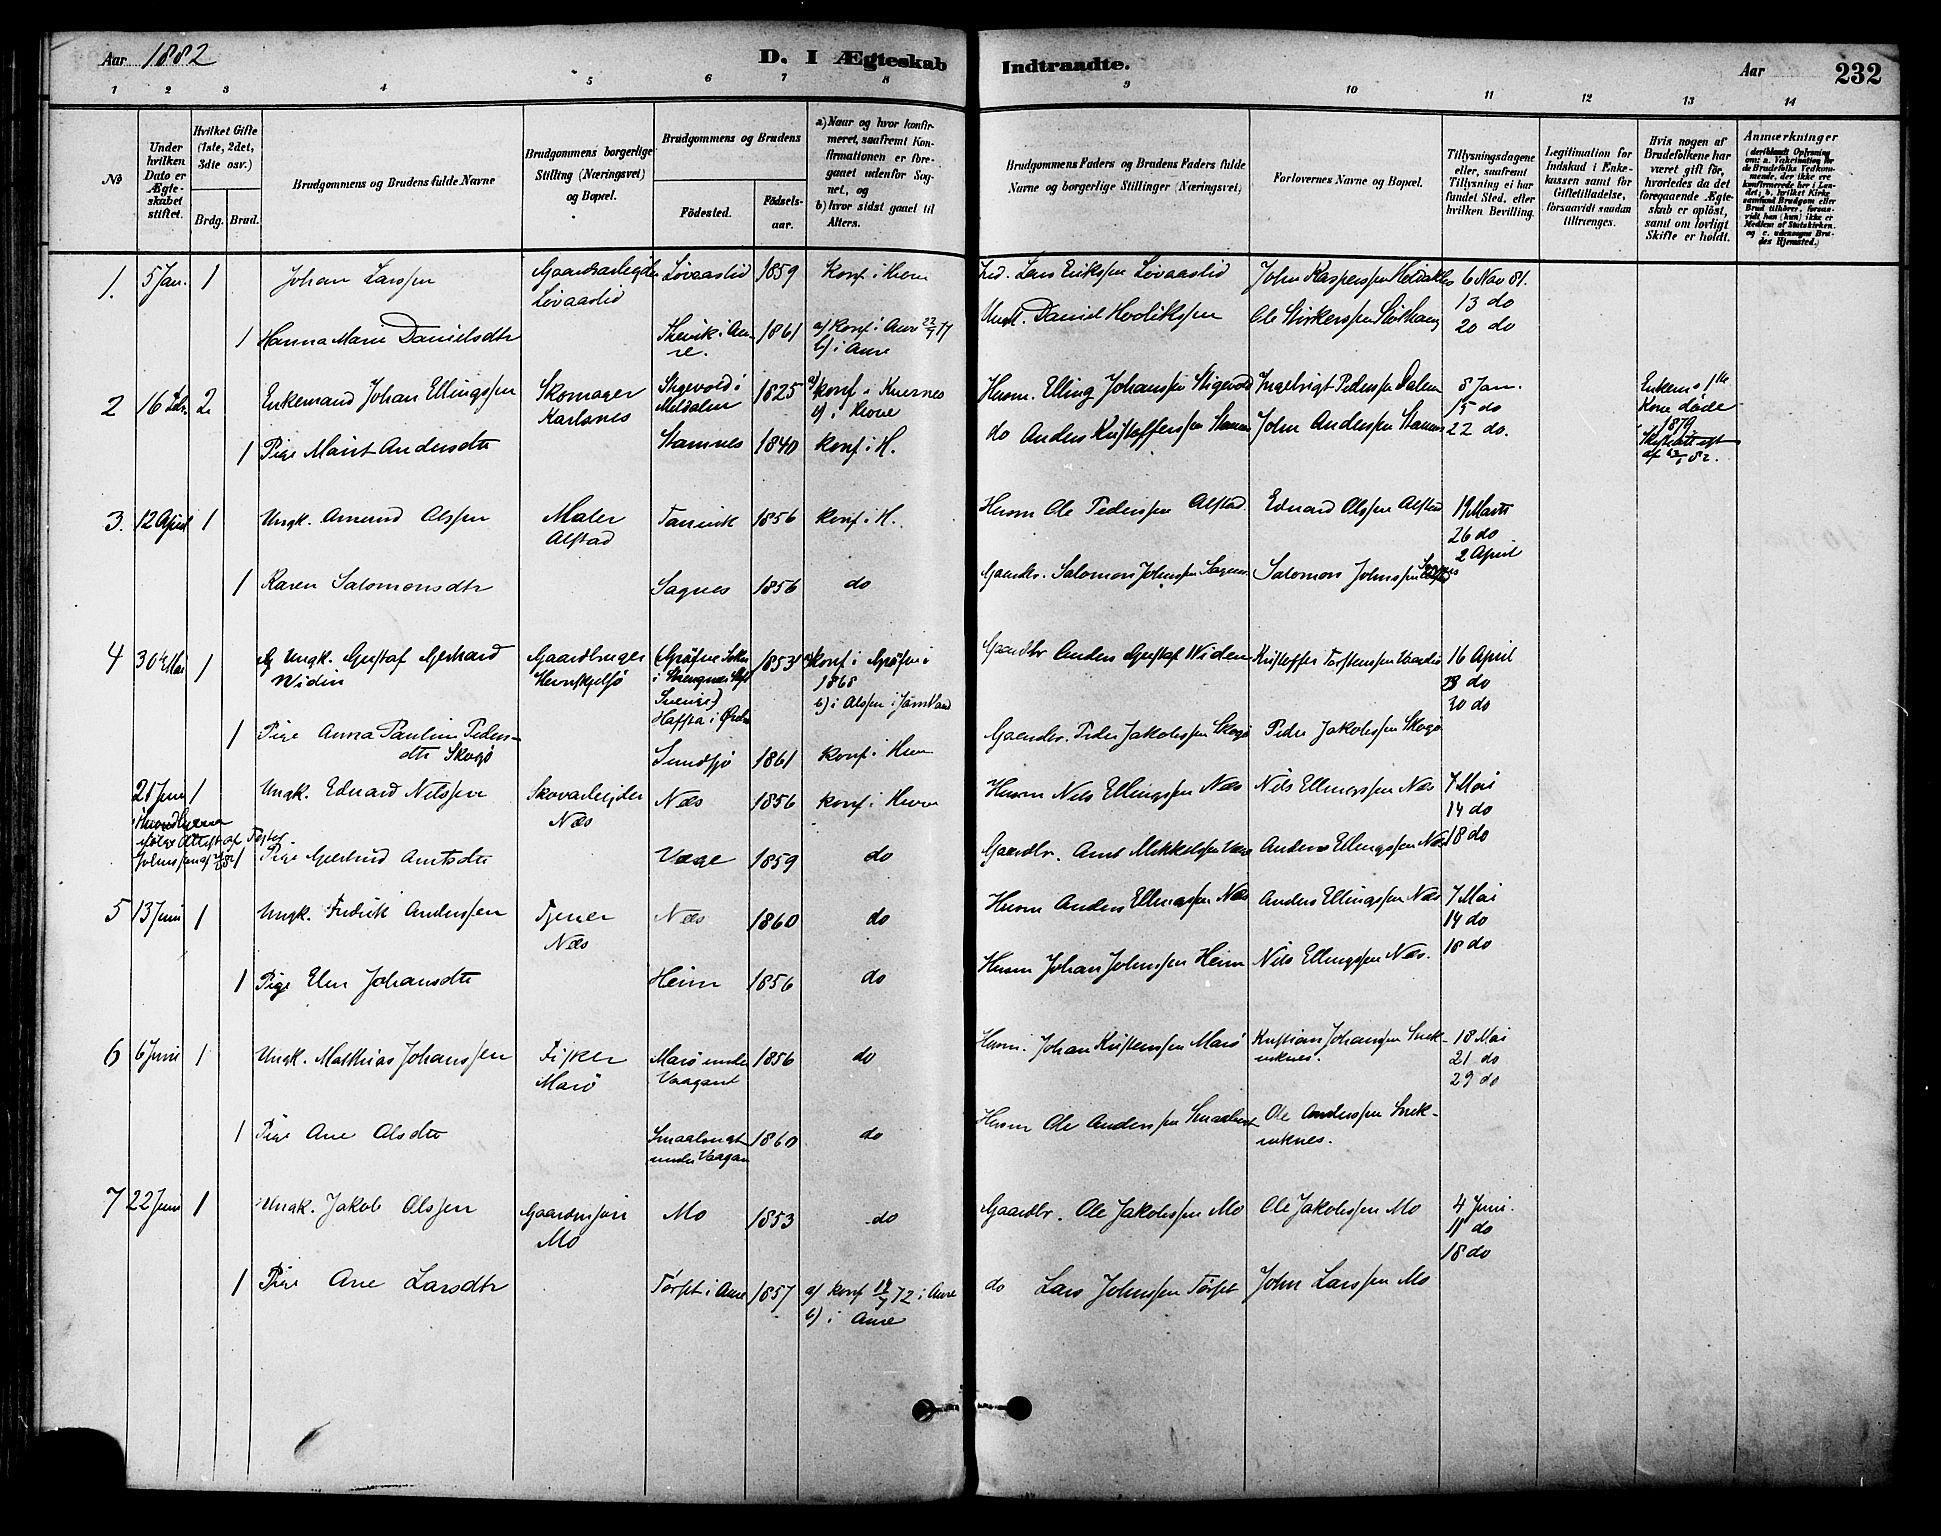 SAT, Ministerialprotokoller, klokkerbøker og fødselsregistre - Sør-Trøndelag, 630/L0496: Ministerialbok nr. 630A09, 1879-1895, s. 232